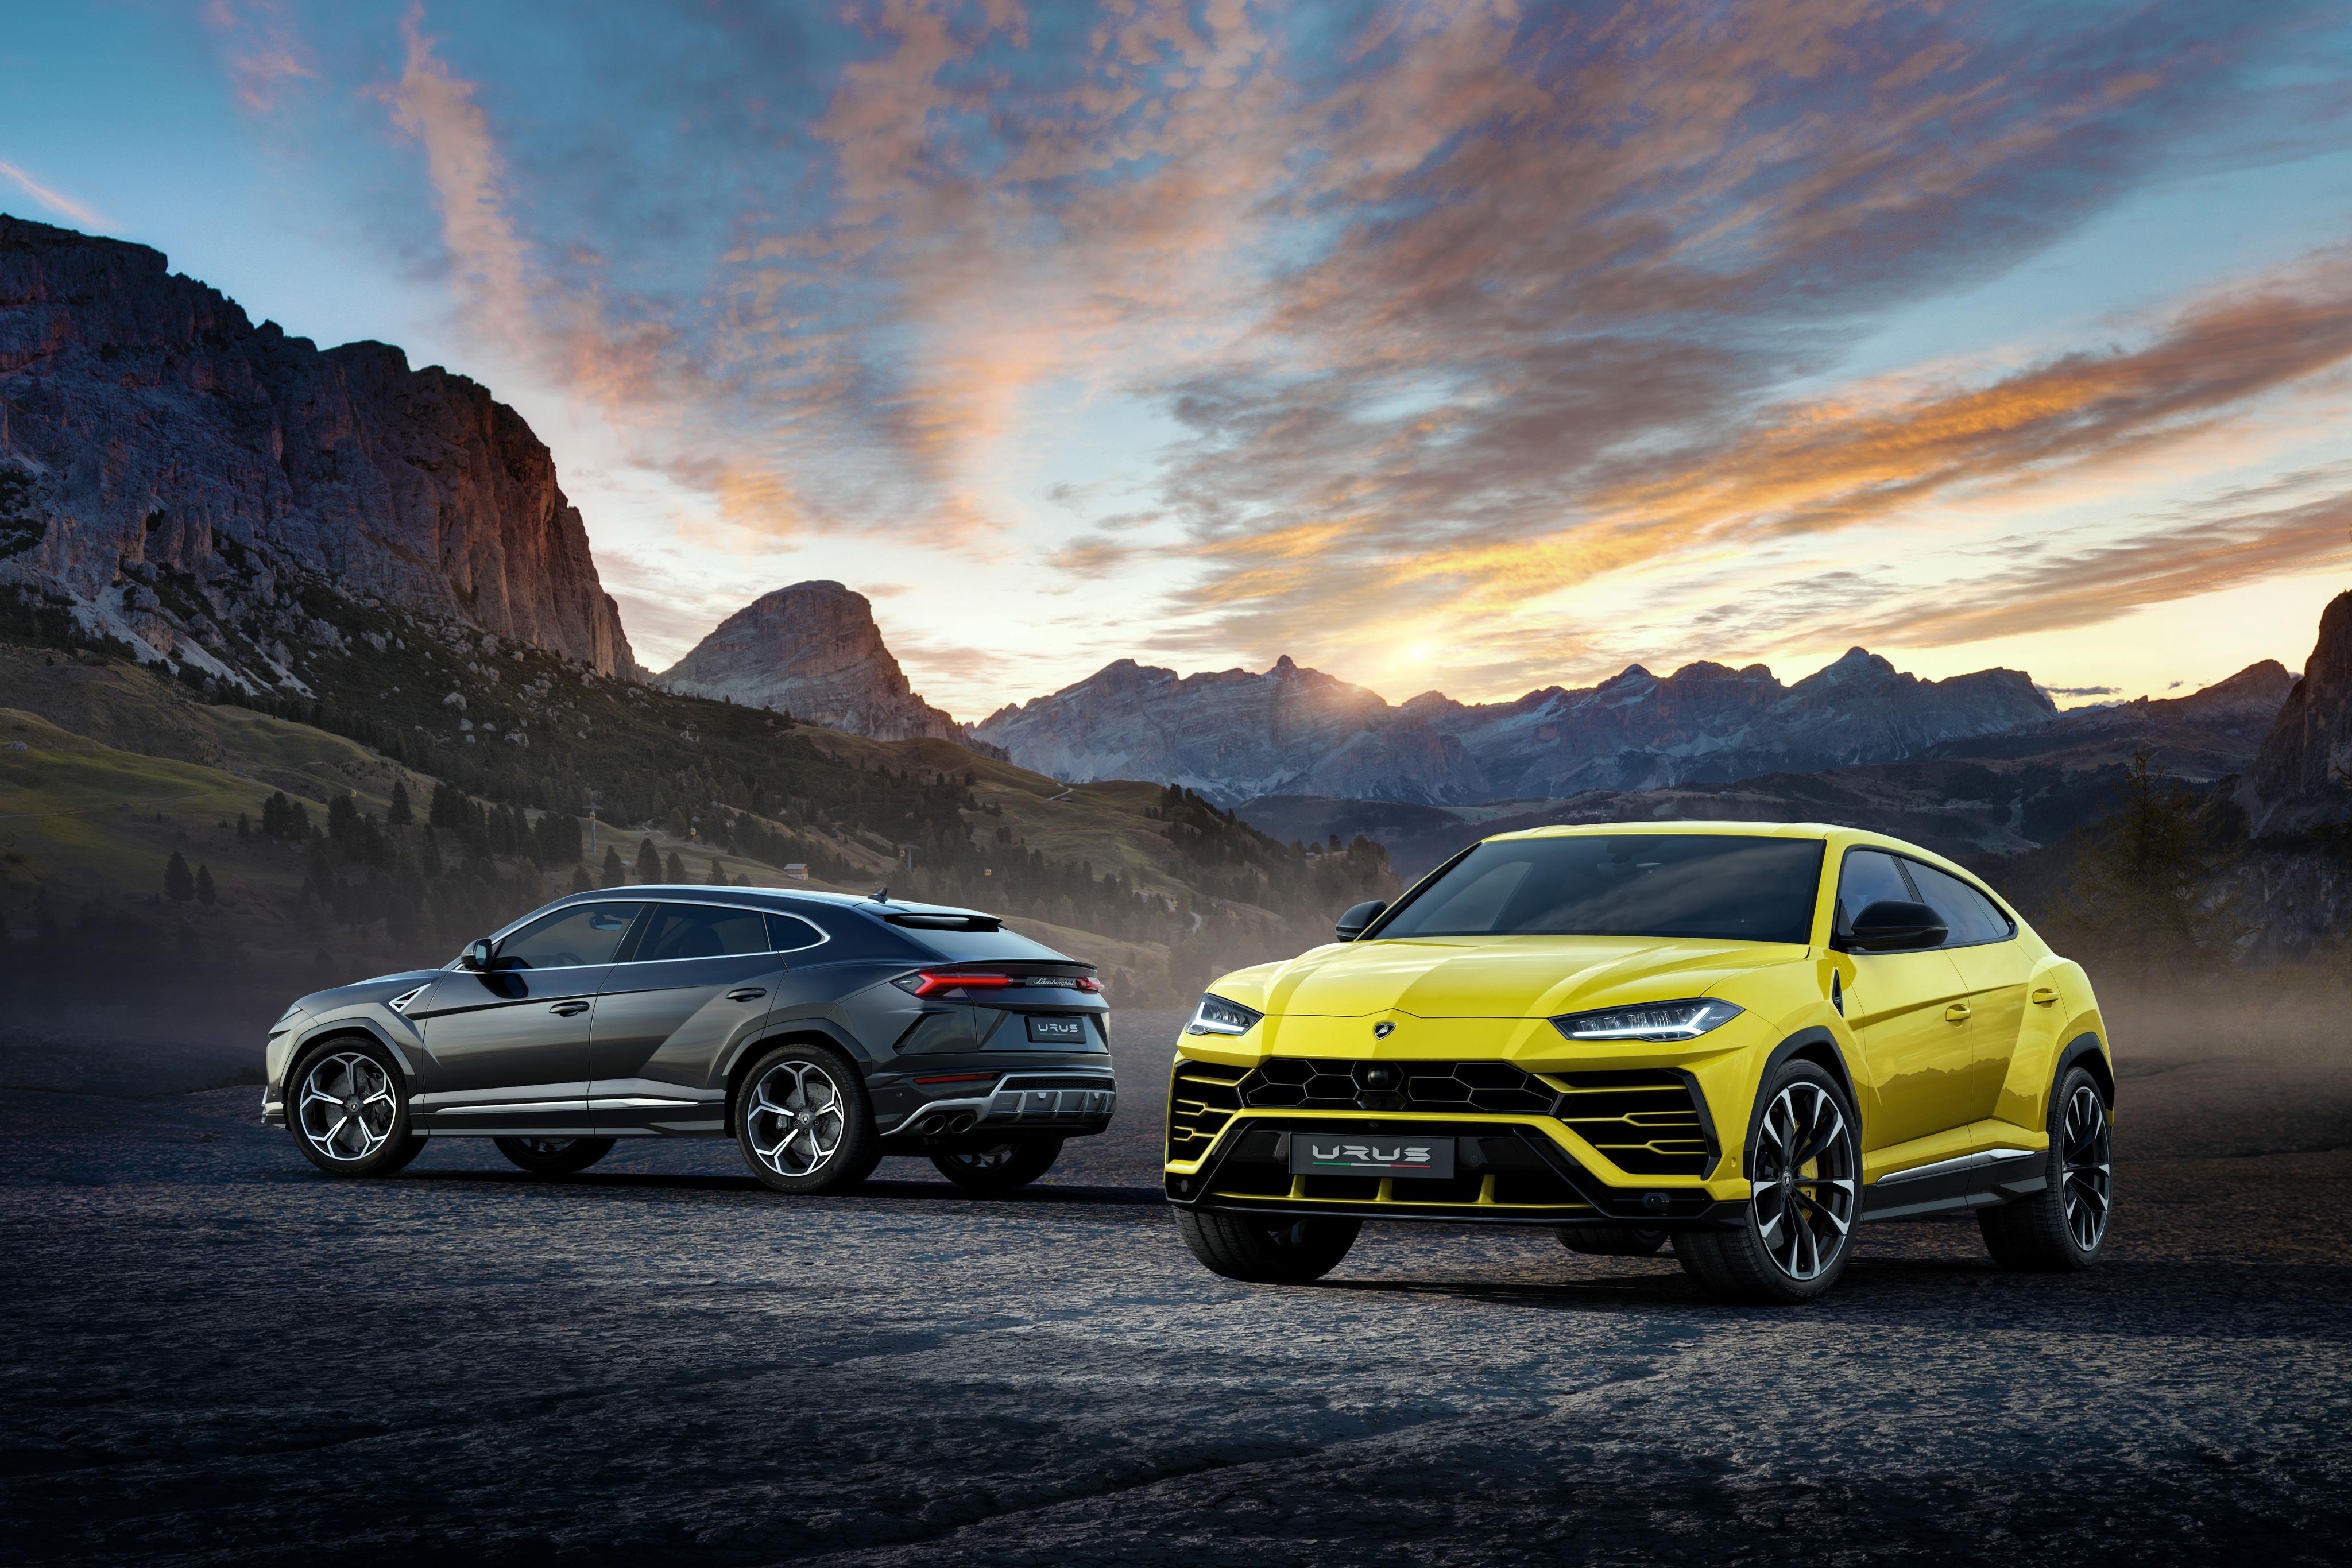 Lamborghini Urus Black And Yellow 4k Hd Cars 4k Wallpapers Images